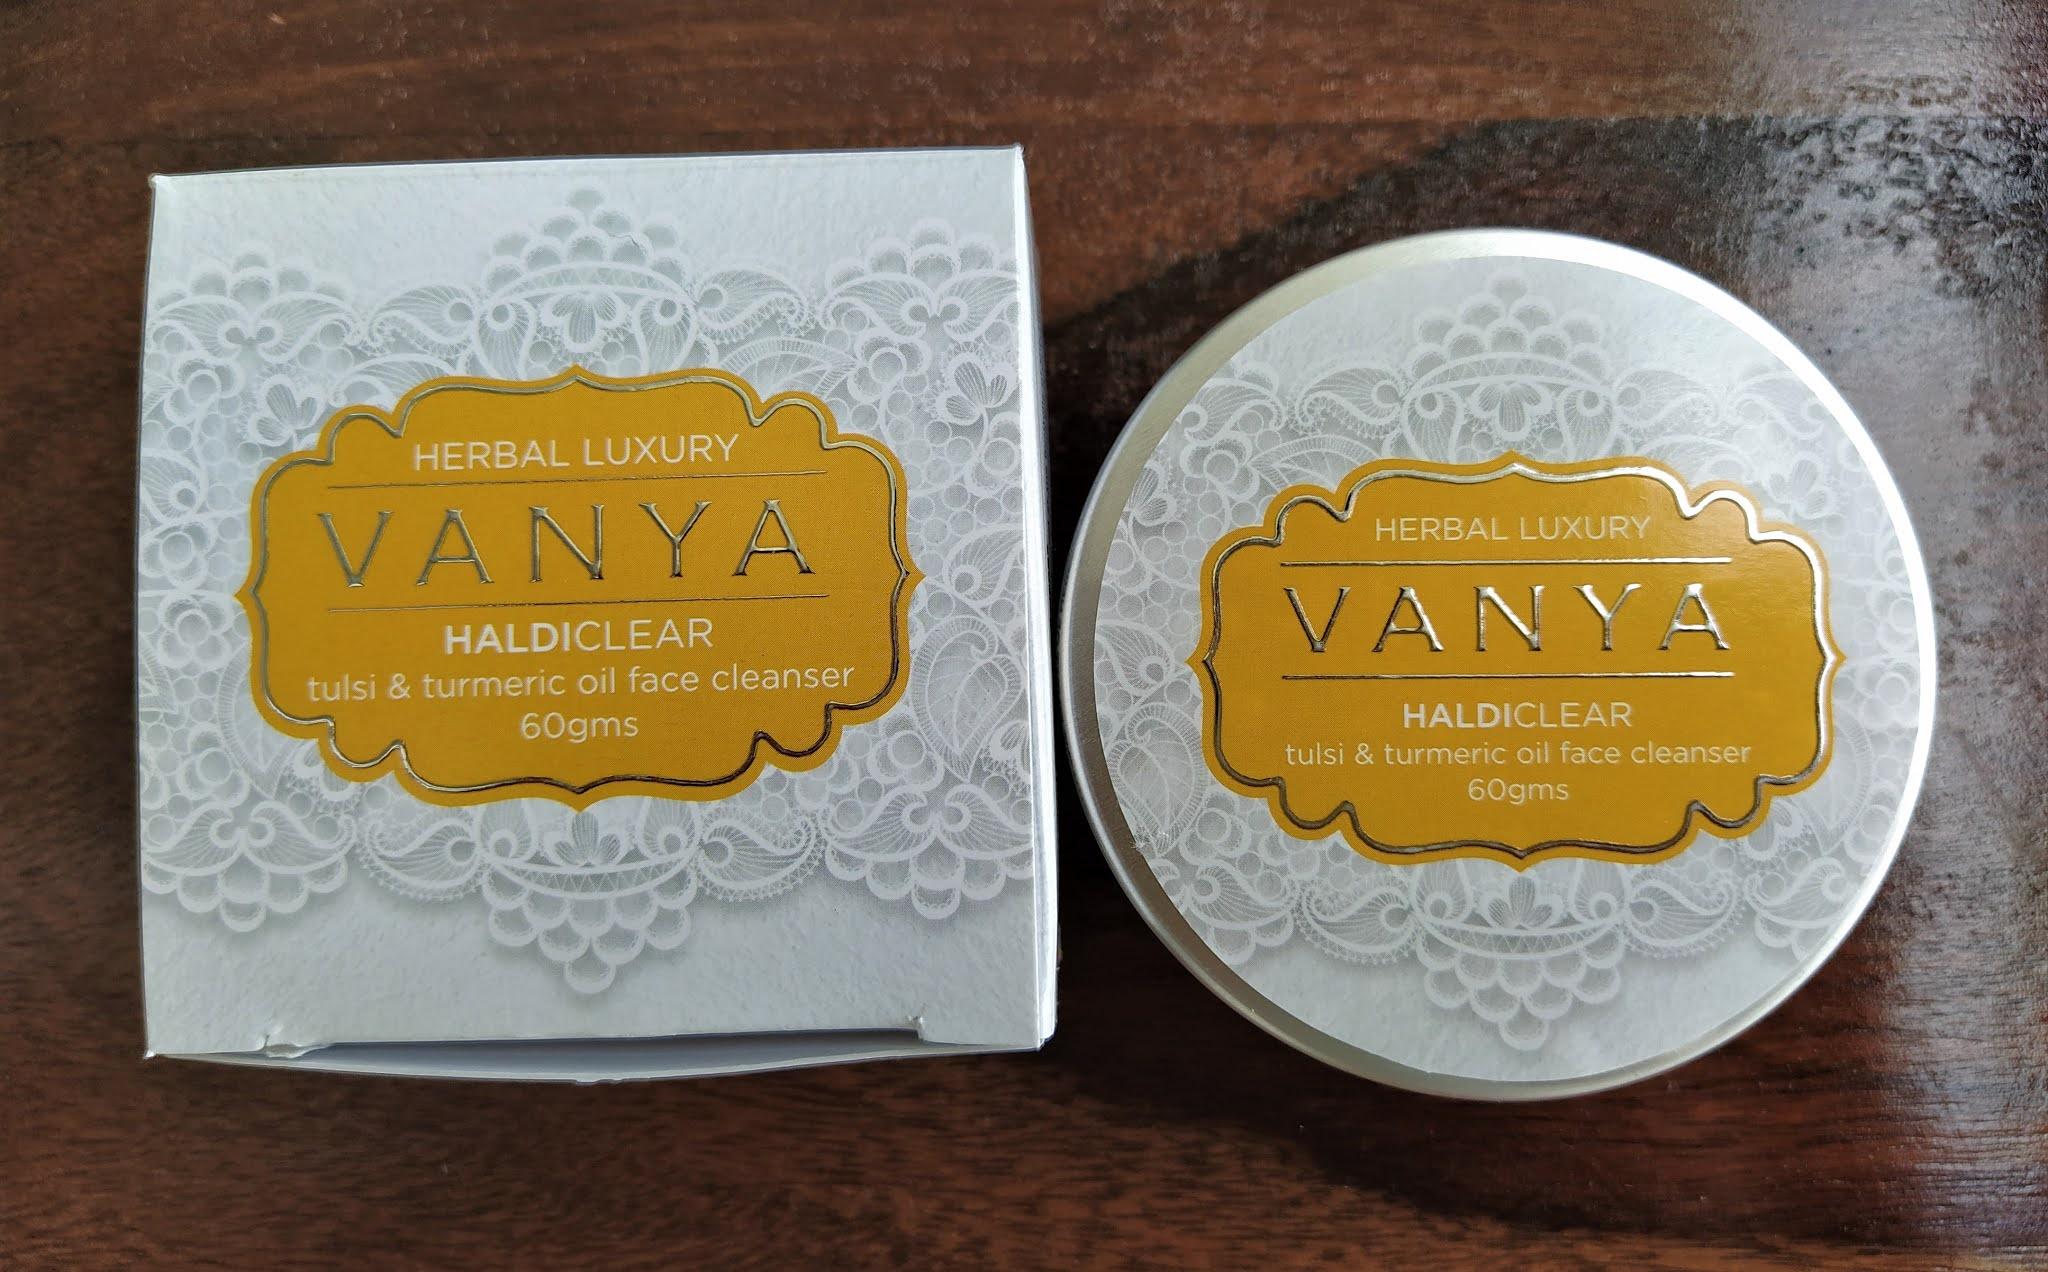 Vanya herbals pomegrante products skincare range tulsi and haldi